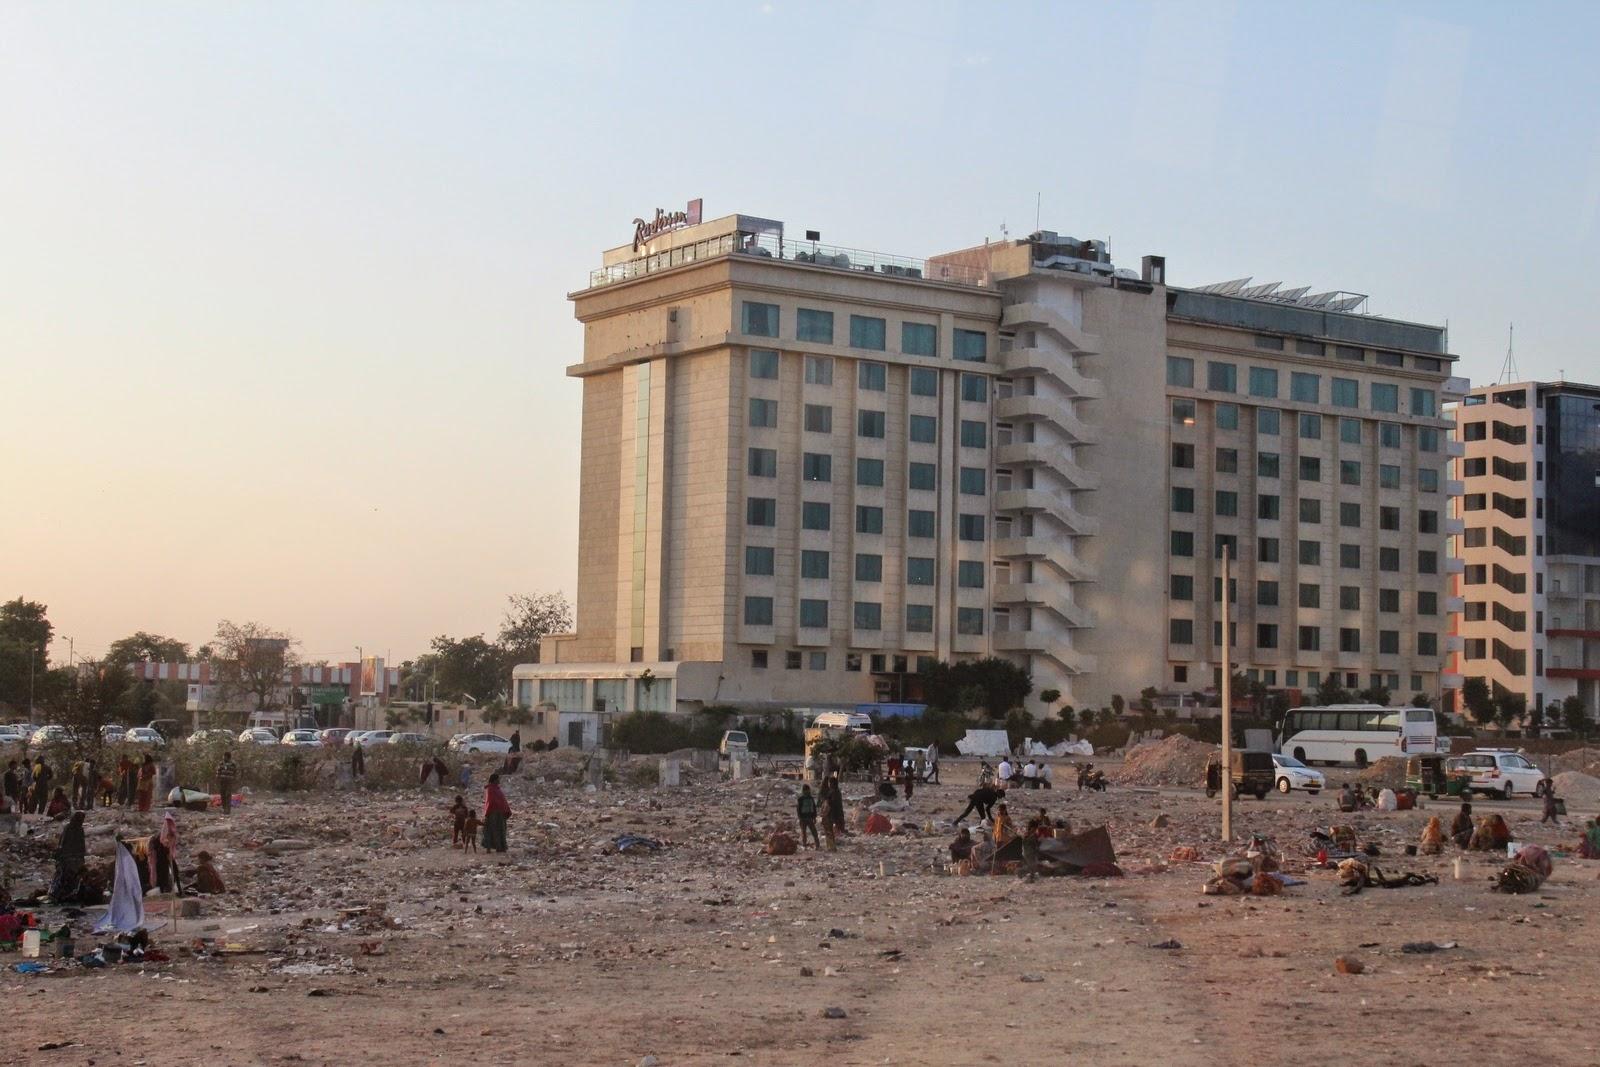 Radisson 5 csillagos hotel mellett egy kis telep